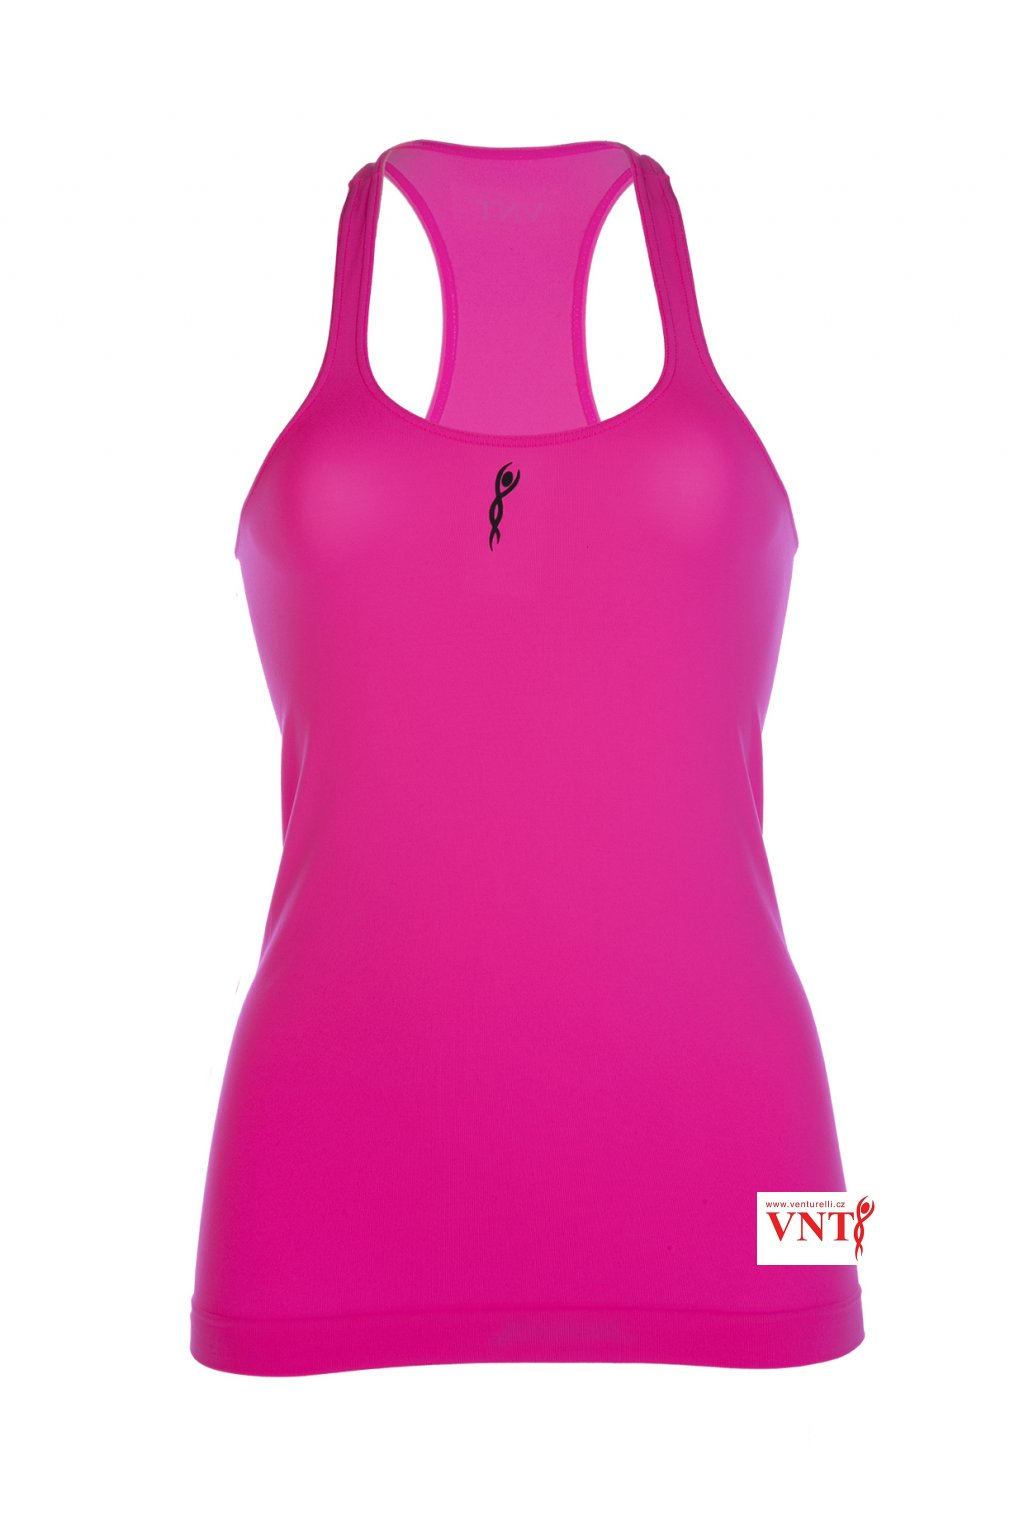 tílko venturelli růžová neon přední 06CA16F17